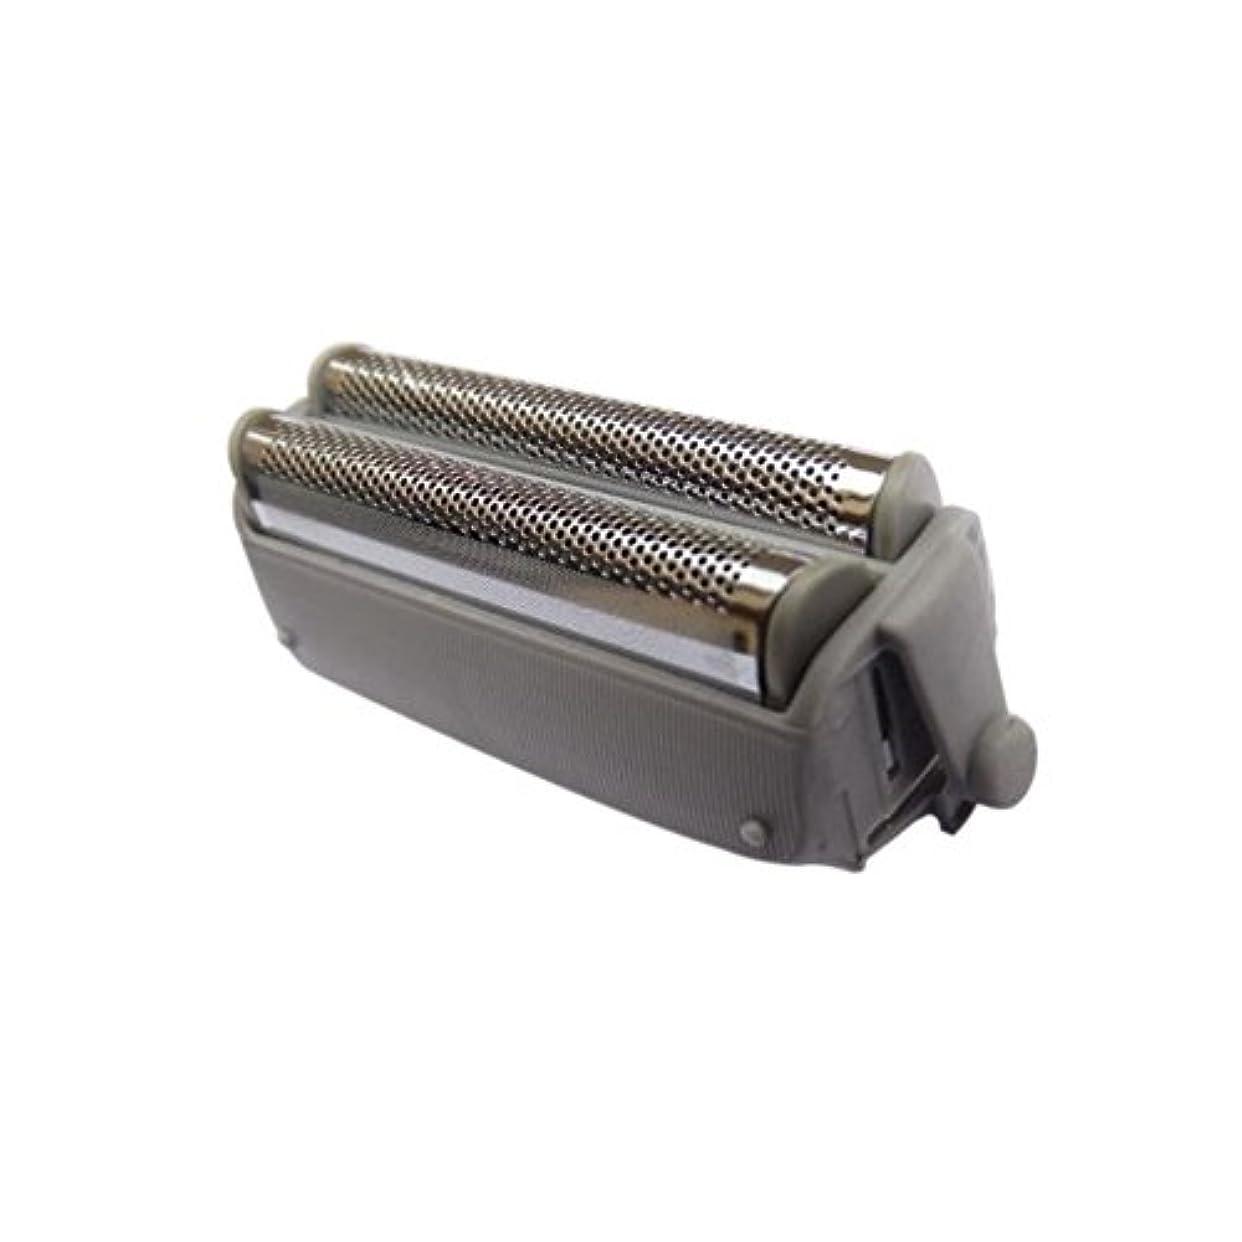 ピストルきれいに標高HZjundasi Replacement Outer ホイル for Panasonic RW30/ES719/726/4826/4853 ES9859